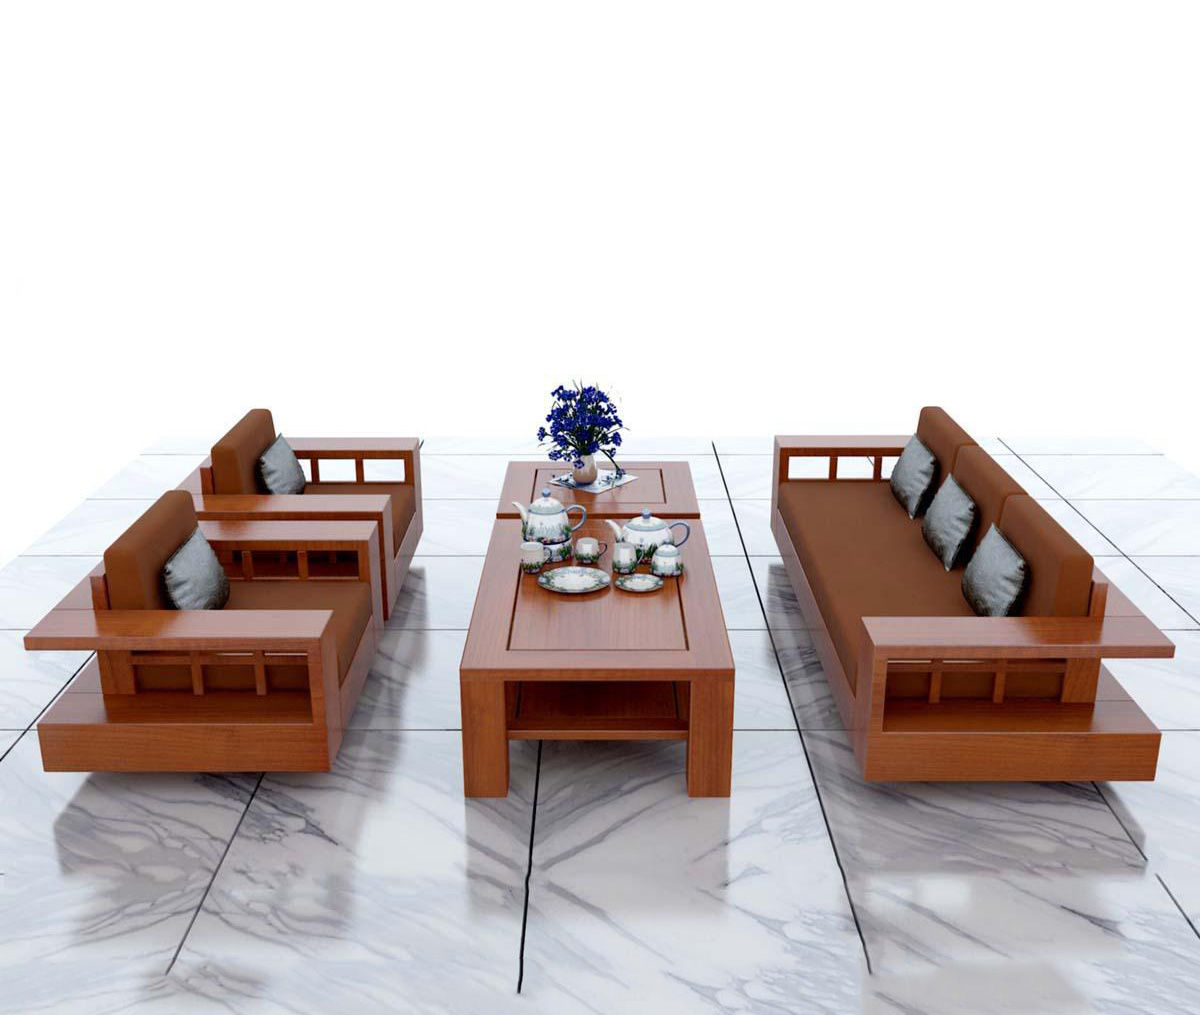 Xu hướng chọn bàn ghế gỗ năm 2019